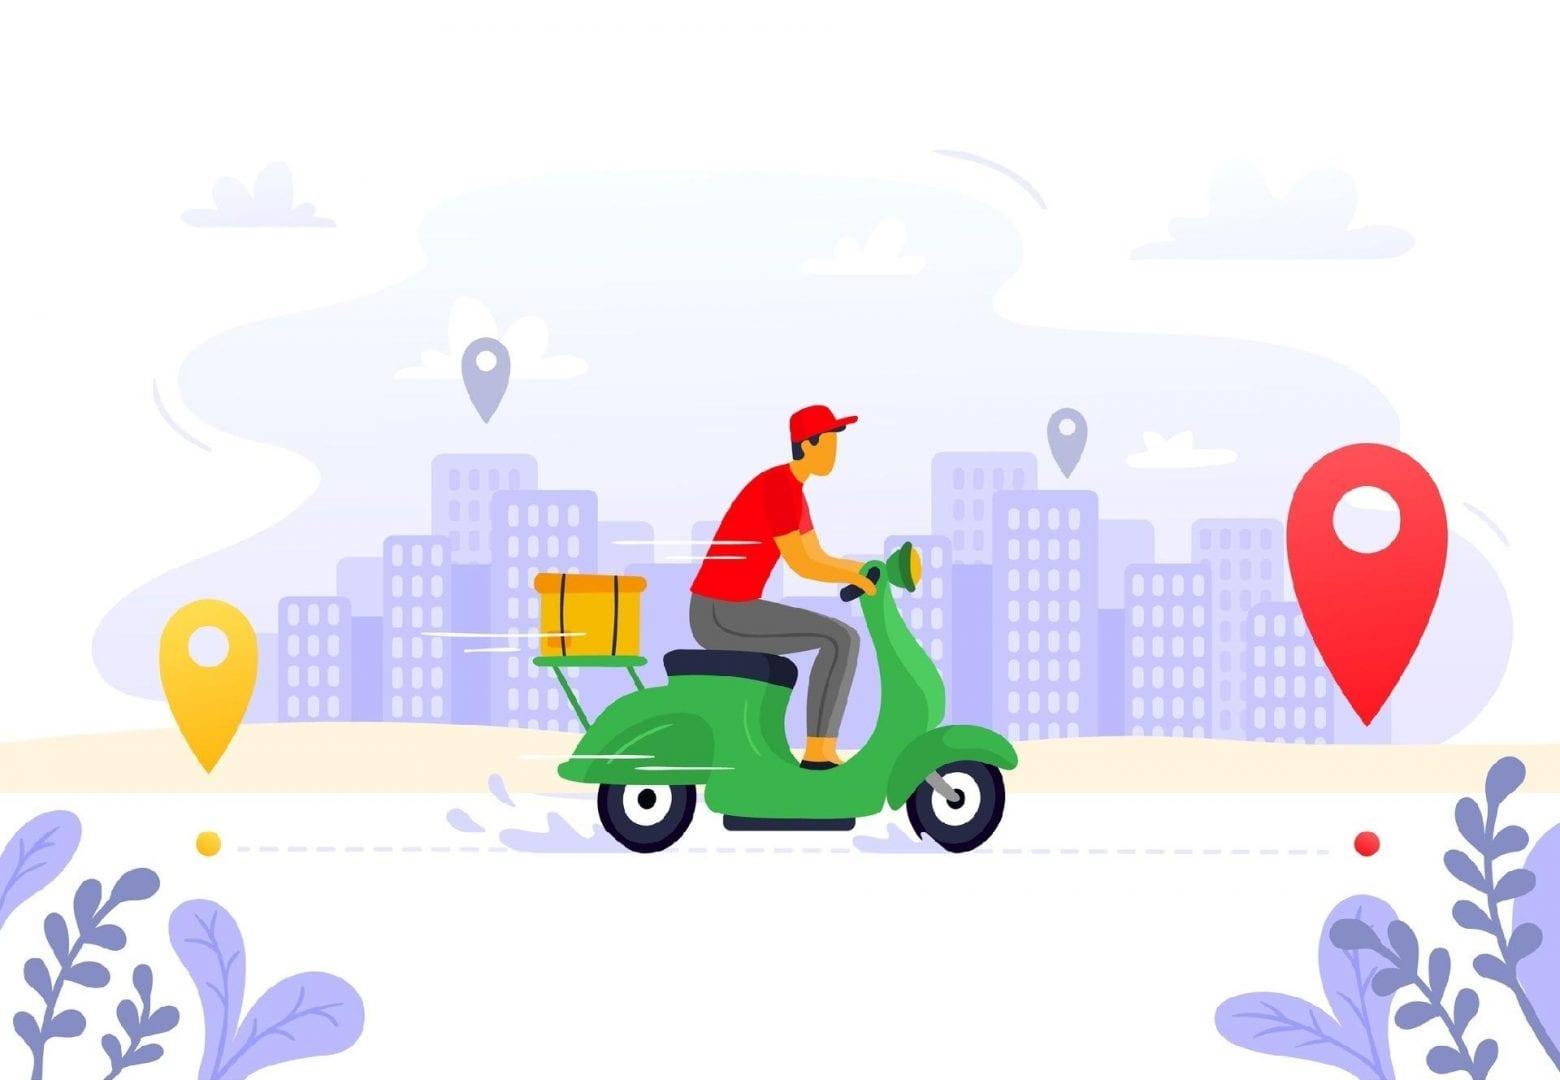 Aplicativos de entrega - 10 mais famosos e usados no Brasil